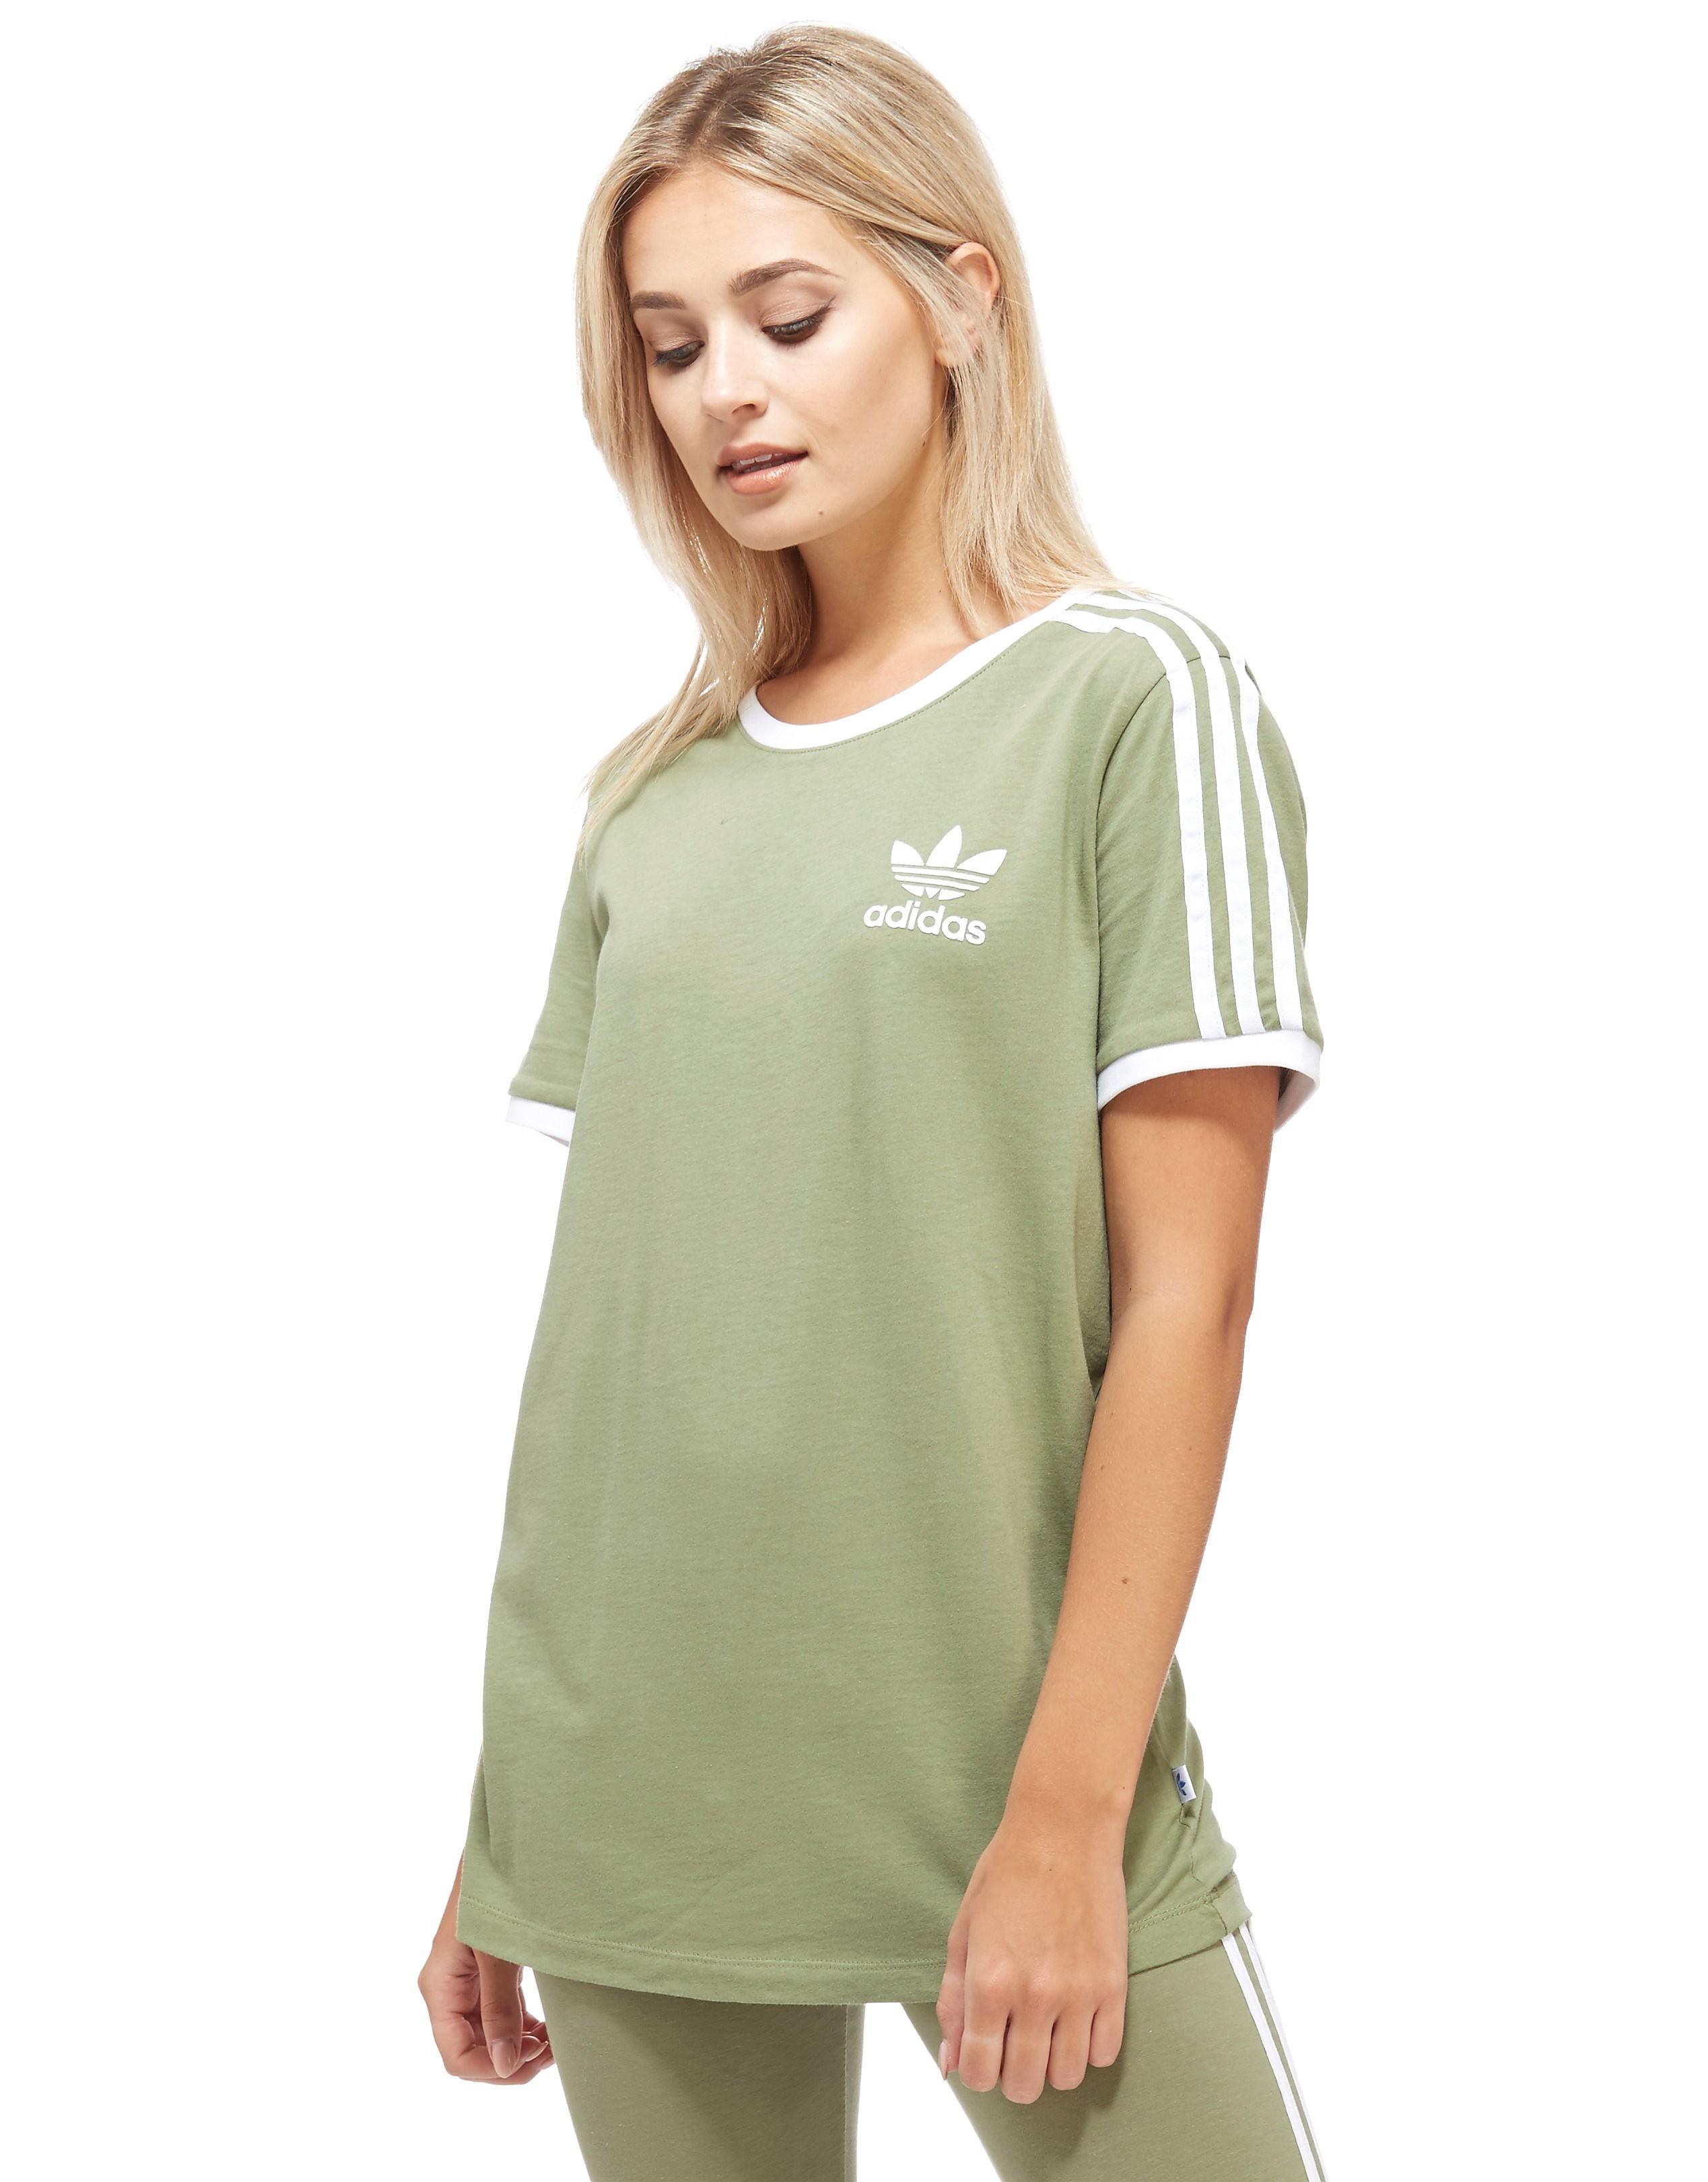 adidas Originals T-shirt California Femme